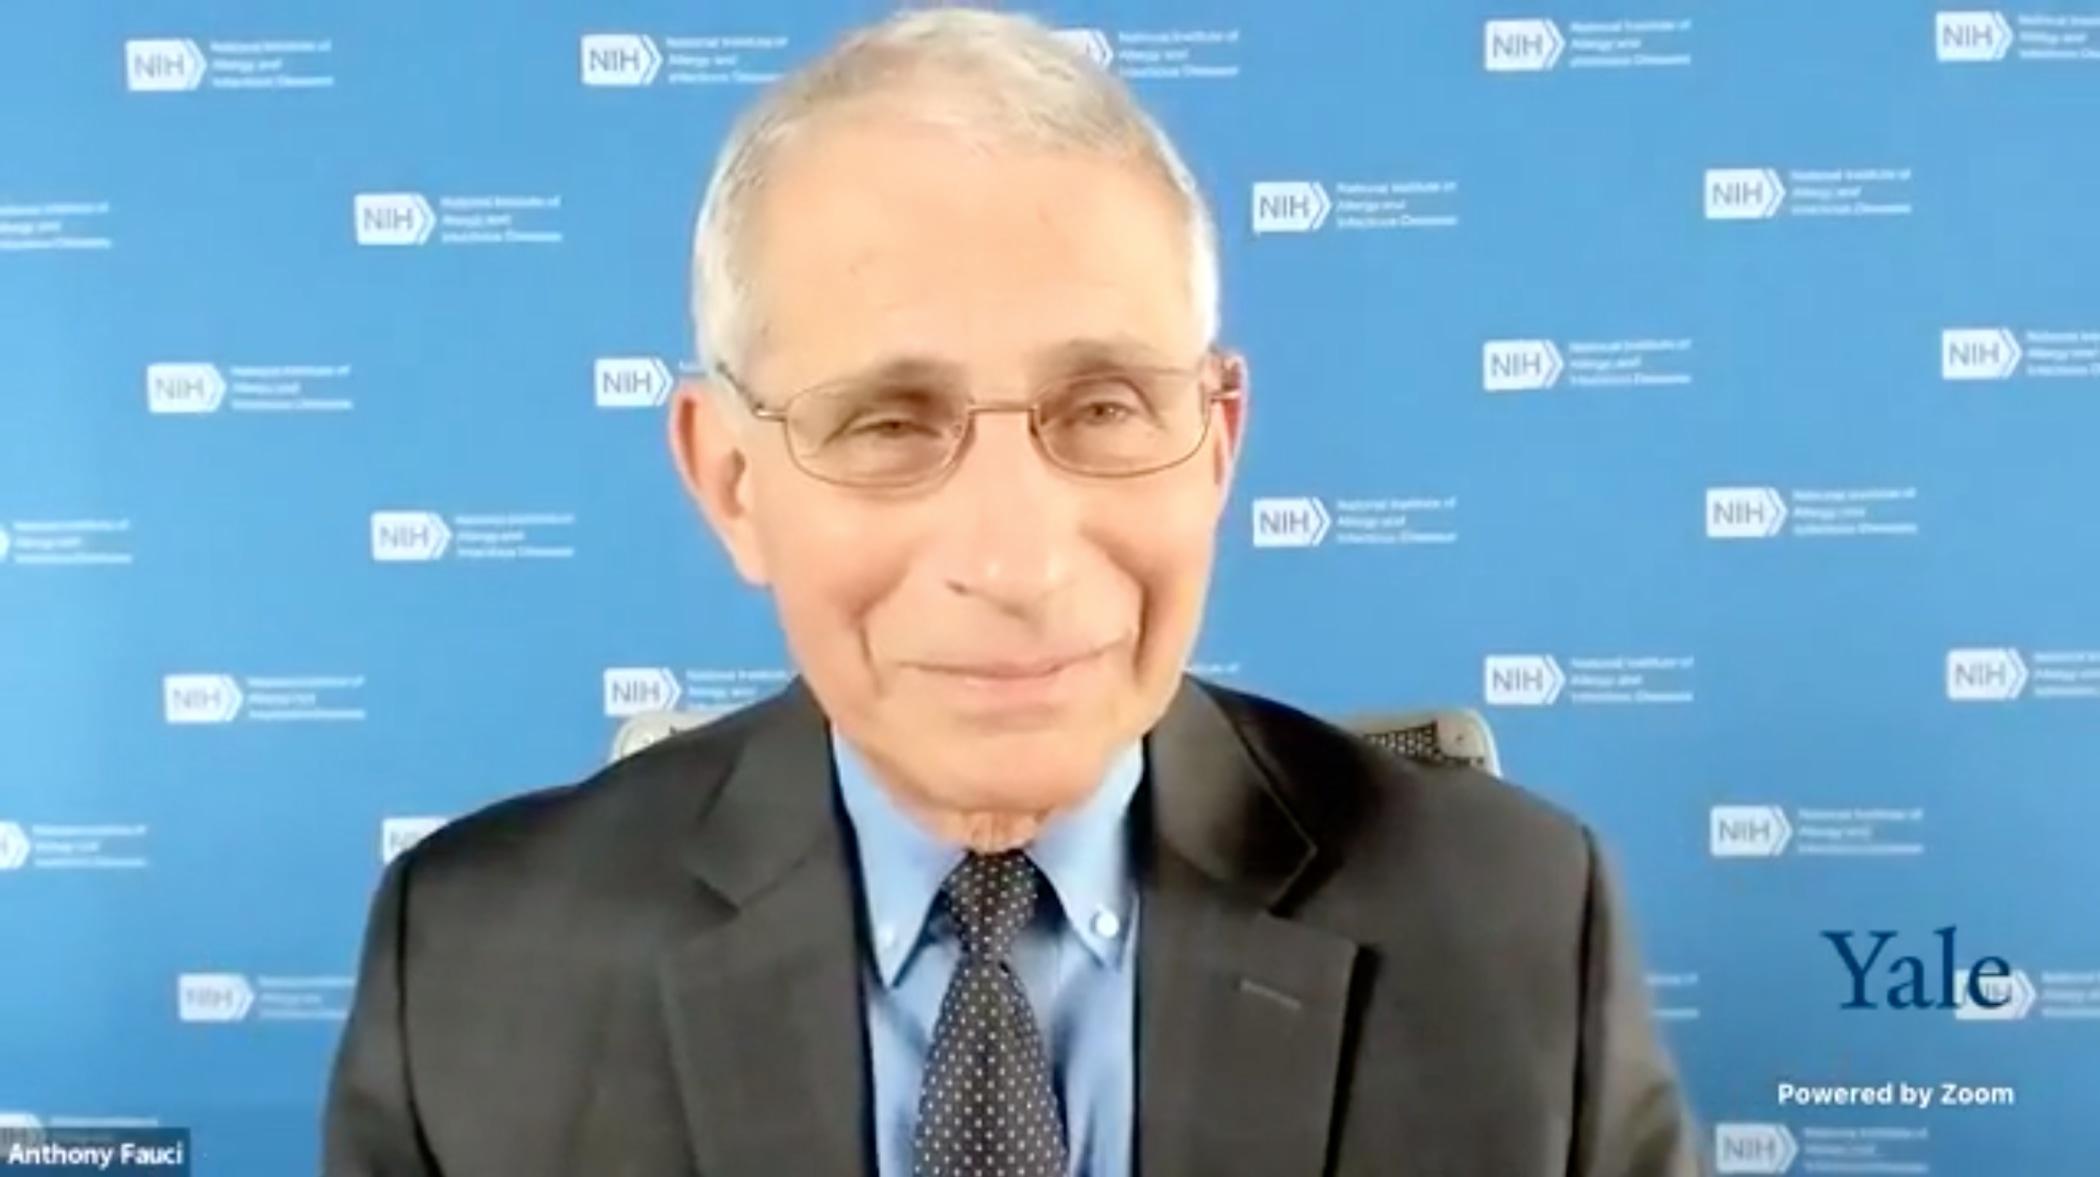 Dr. Fauci providing COVID-19 Updates